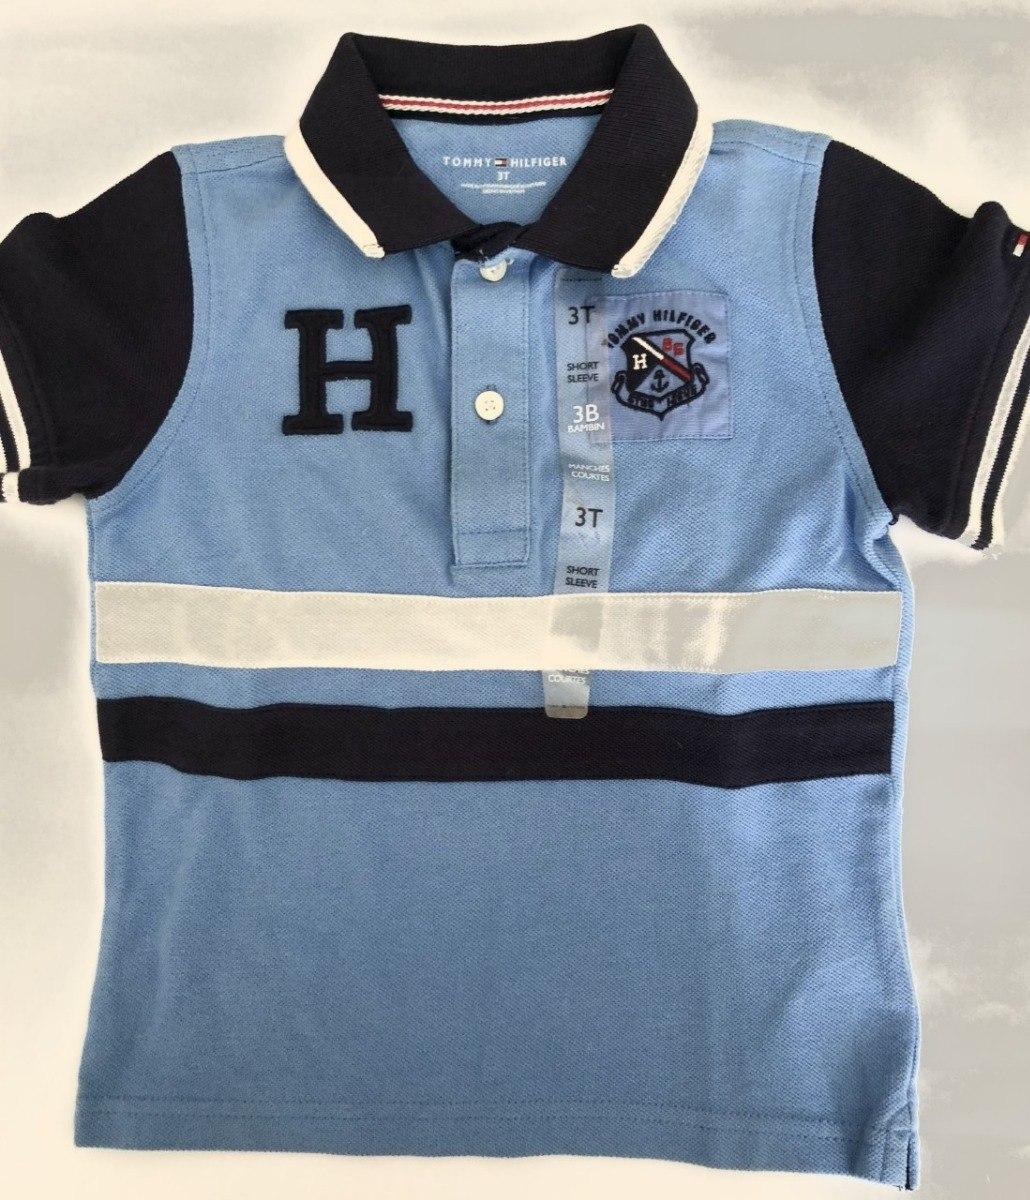 camisa polo tommy hilfiger kids infantil 3 t. Carregando zoom. a28321fdcba